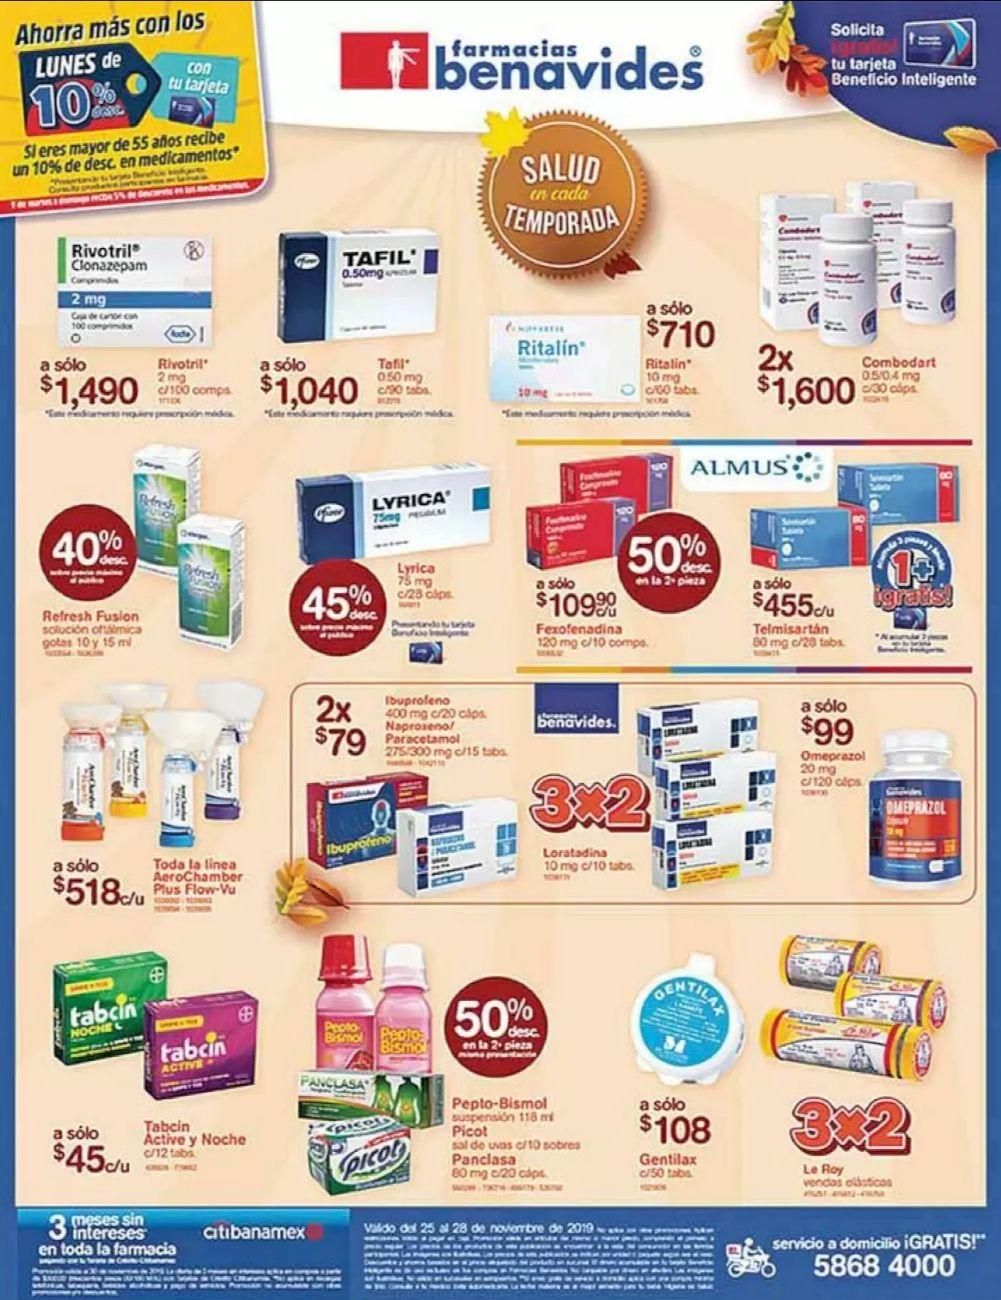 Farmacias Benavides: Ofertas vigentes al Jueves 28 de Noviembre